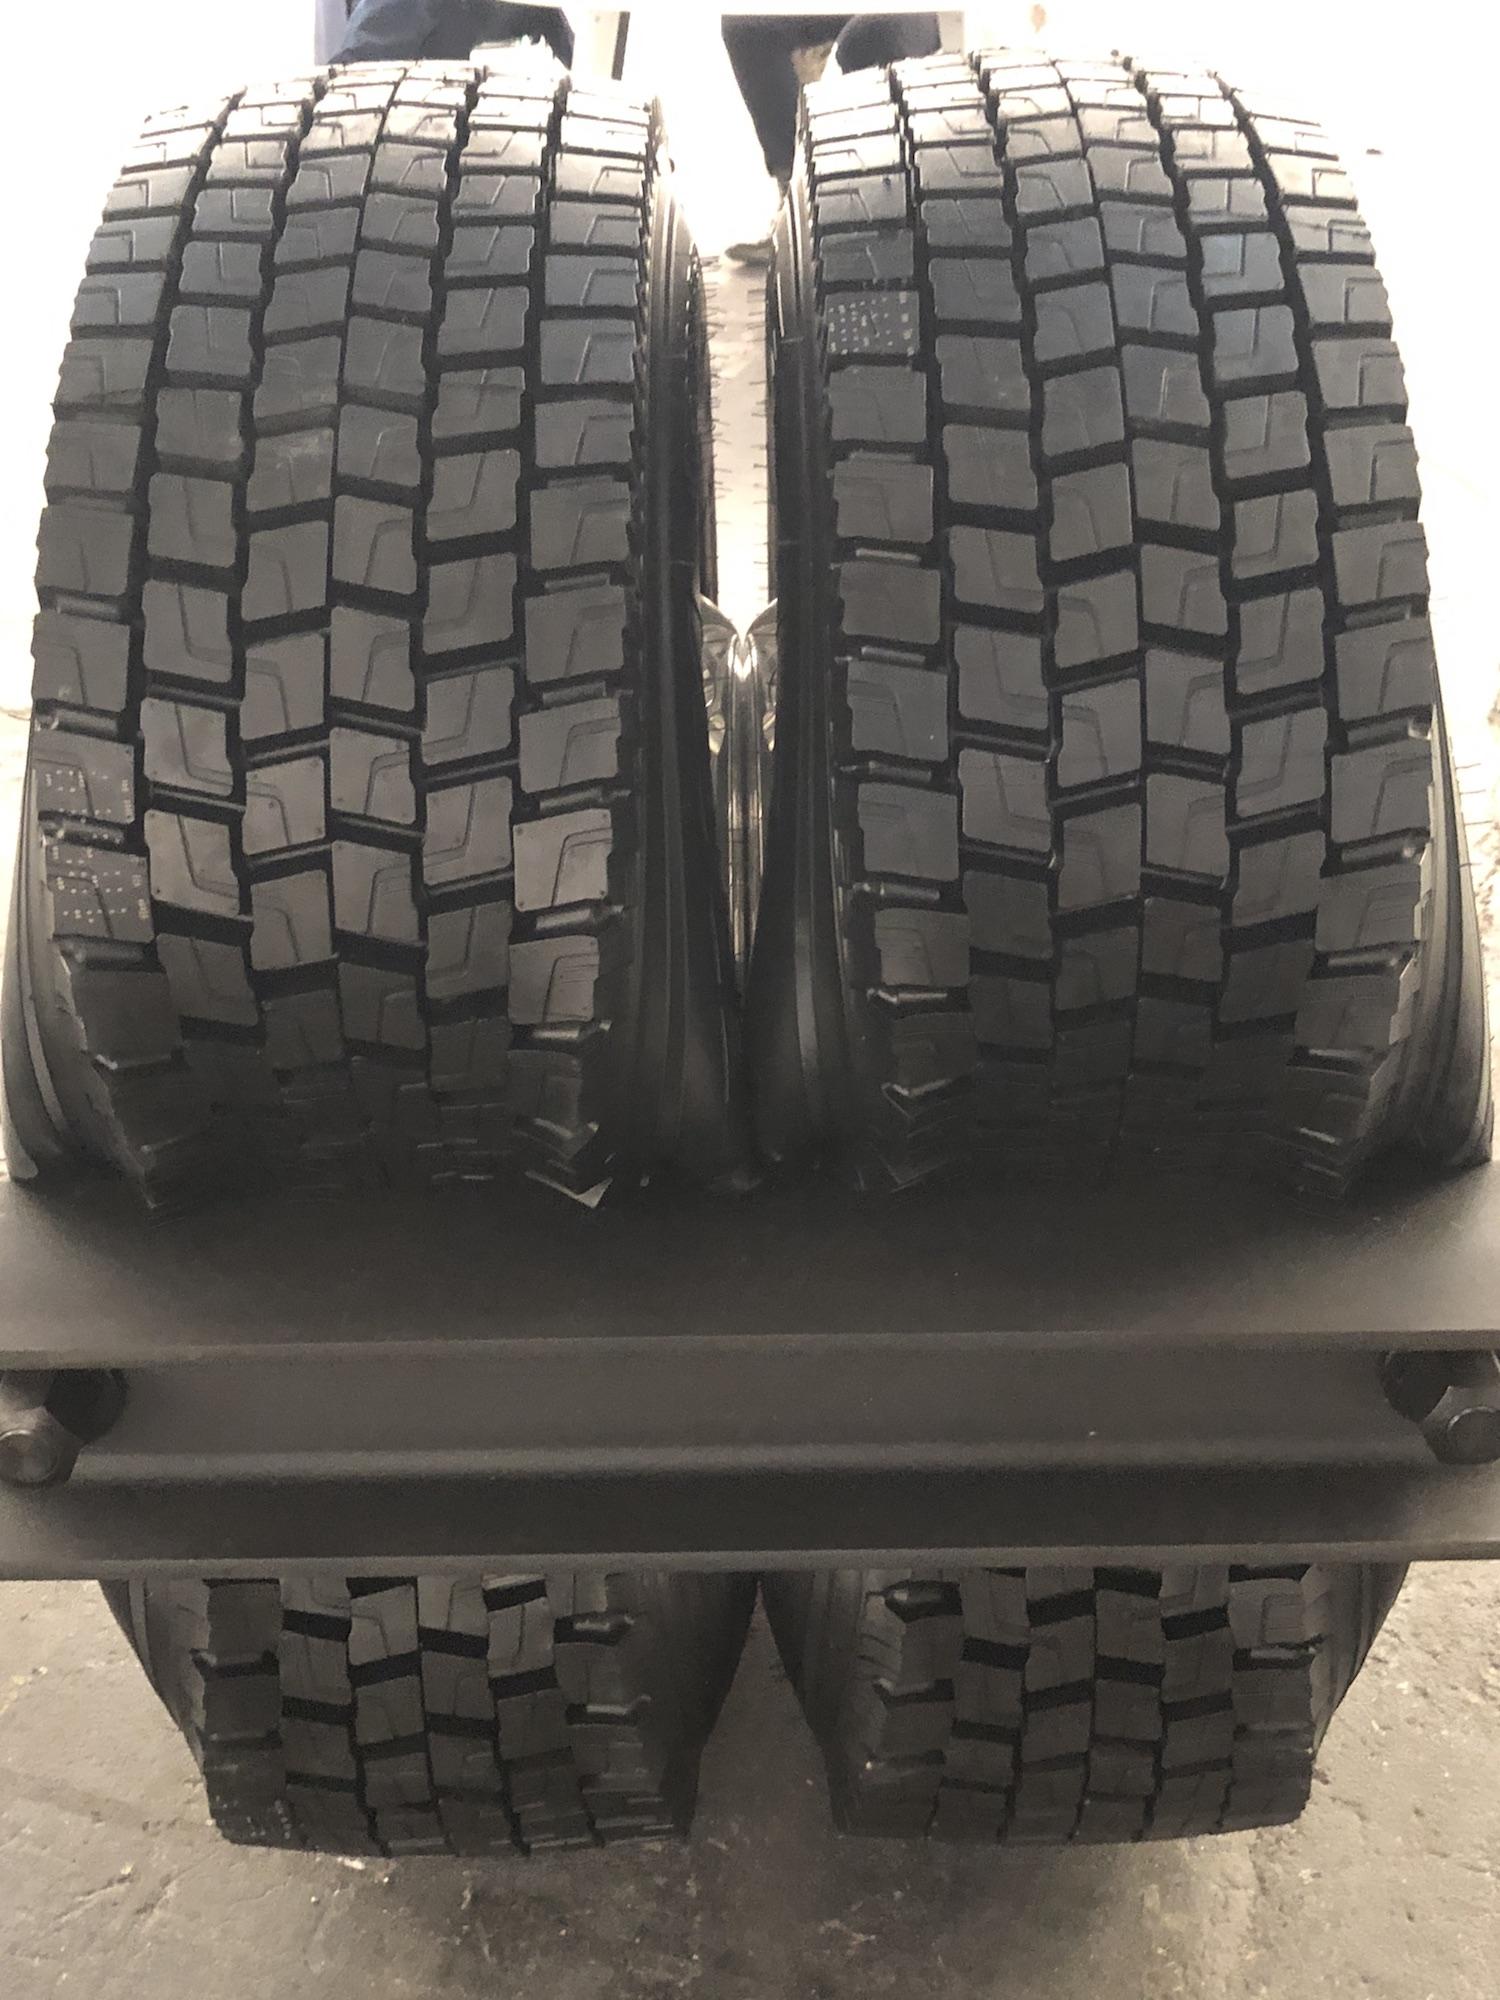 Truck Tires, Steel - Arcangelo Sassolino